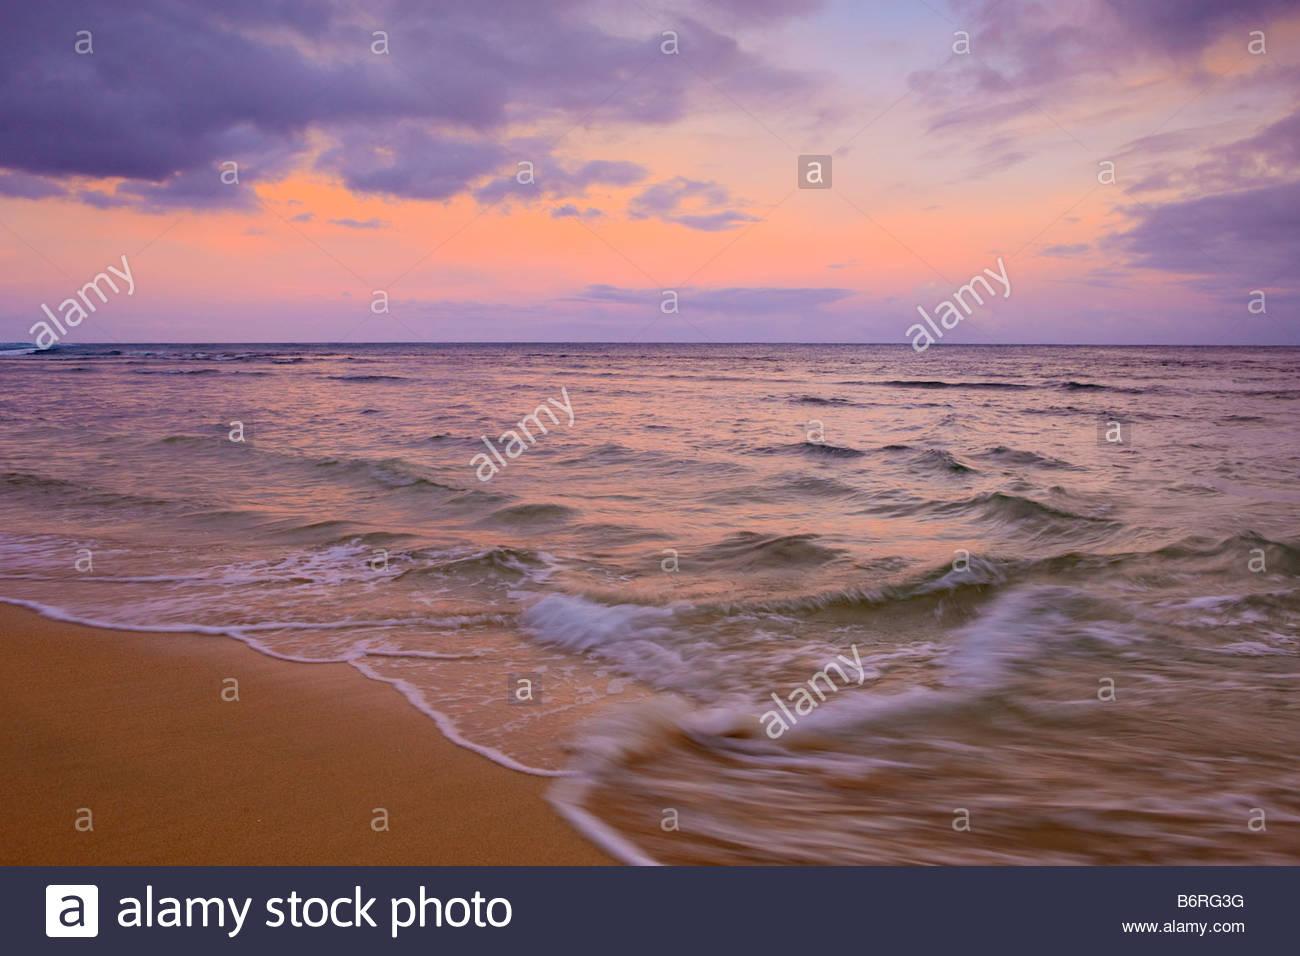 Choppy Wellen schlagen Ke'E Strand während einer stürmischen Sonnenaufgang auf der nördlich von Stockbild